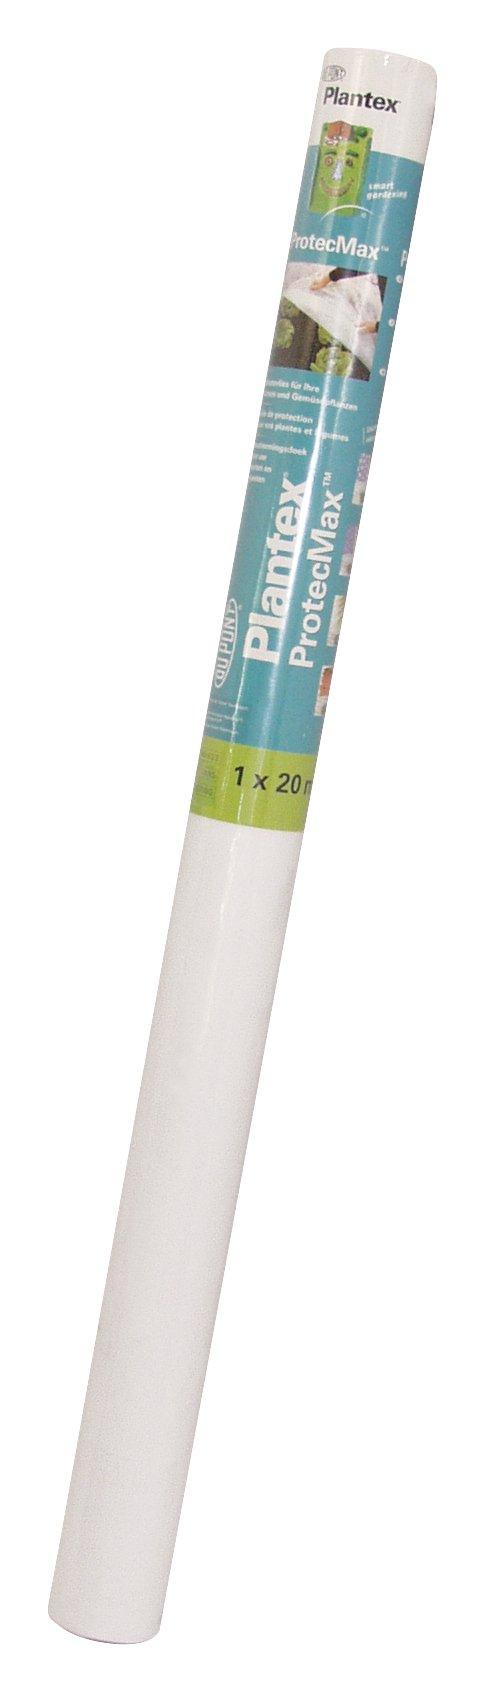 Plantex® Protecmax - Schutzvlies 1,0 x 20 m